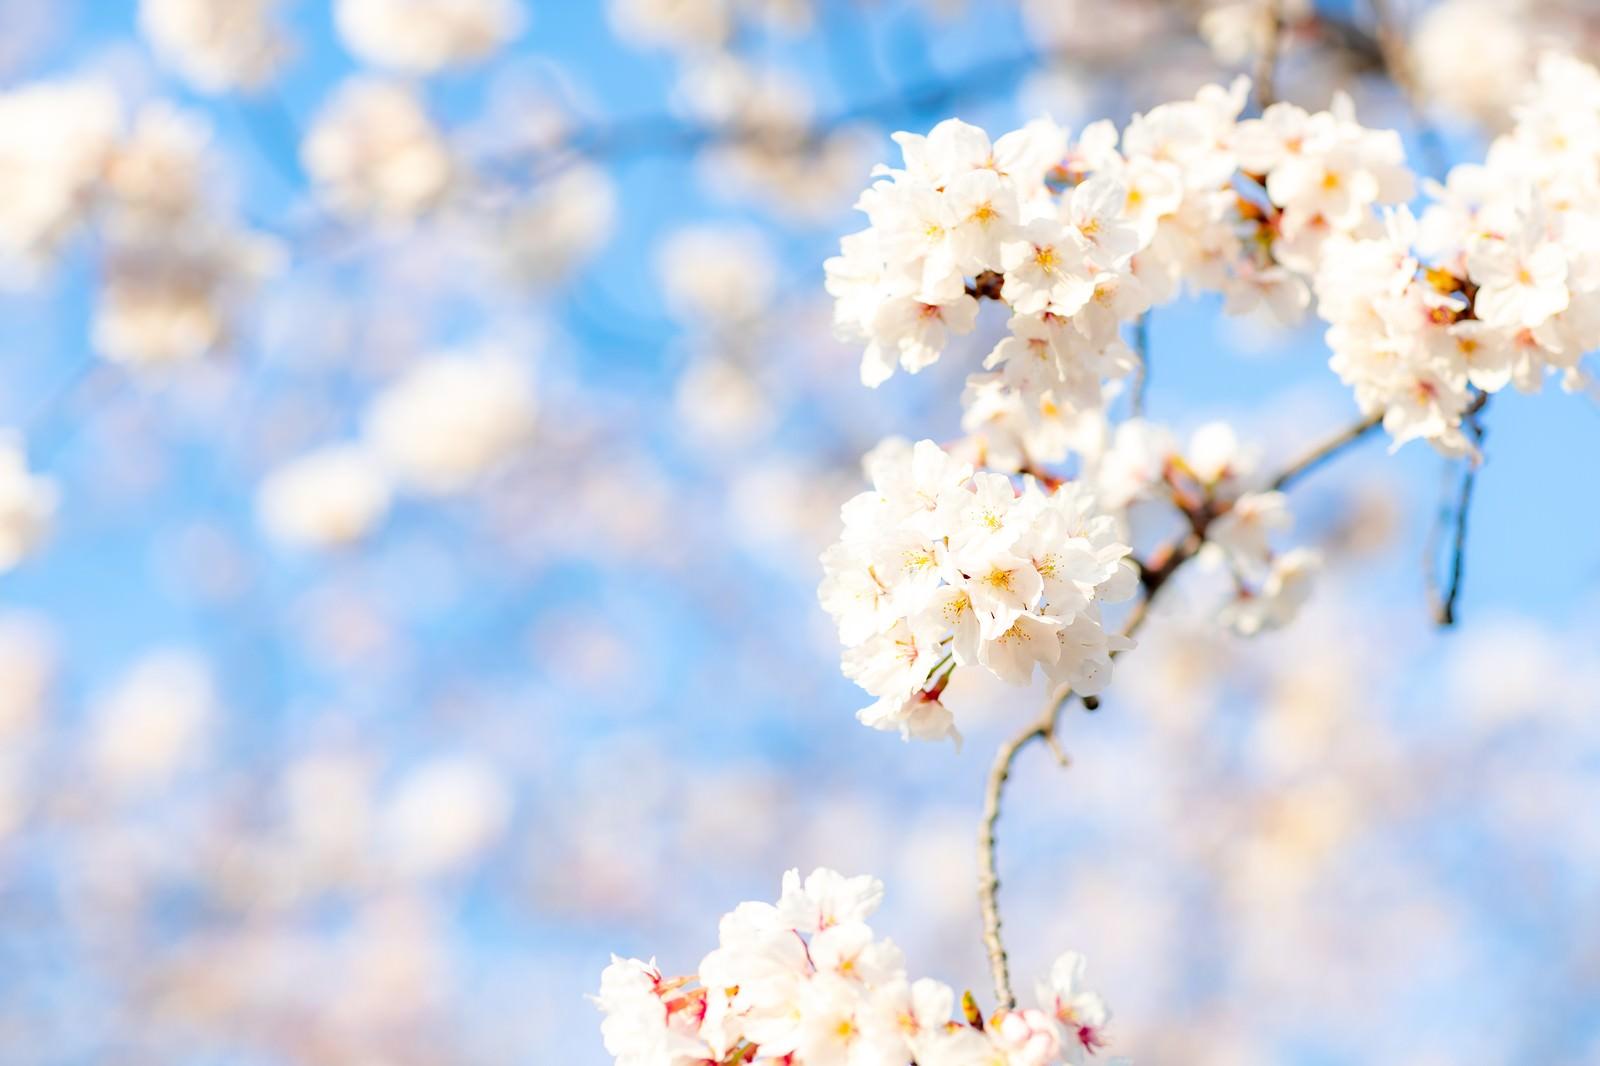 「穏やかに降り注ぐ陽射しと満開の桜」の写真